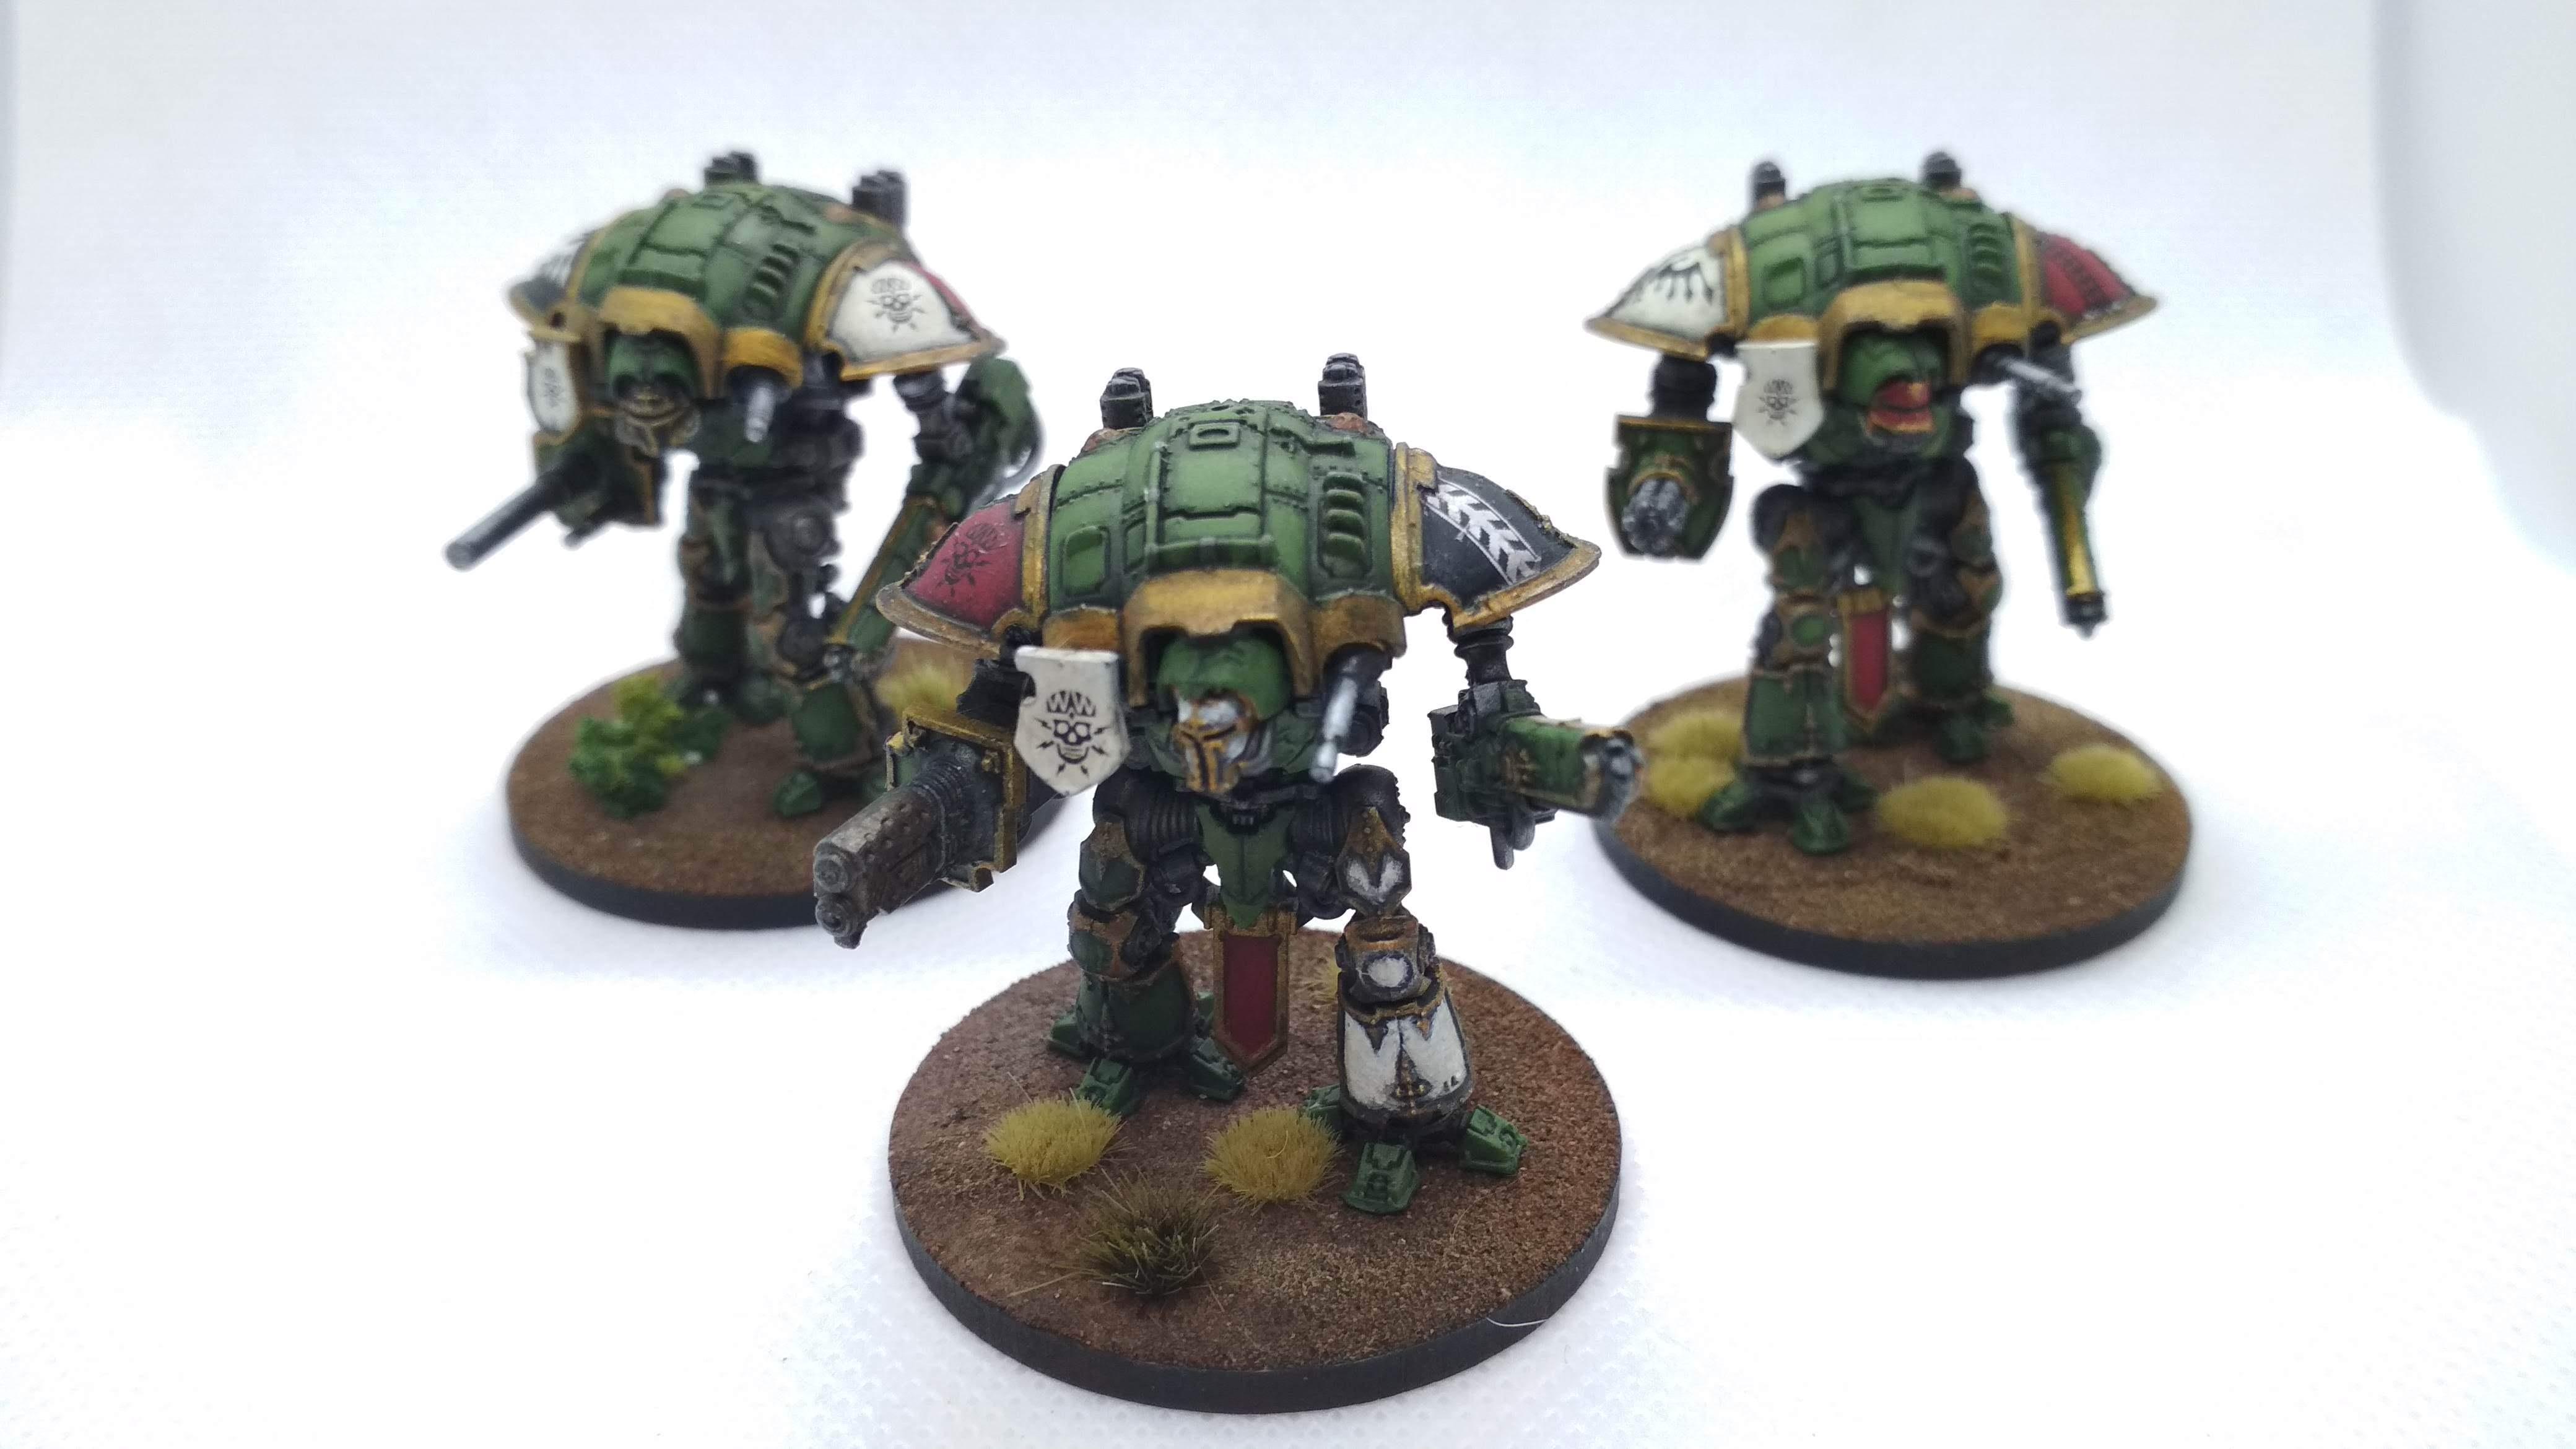 Imperial Knights Adeptus Titanicus